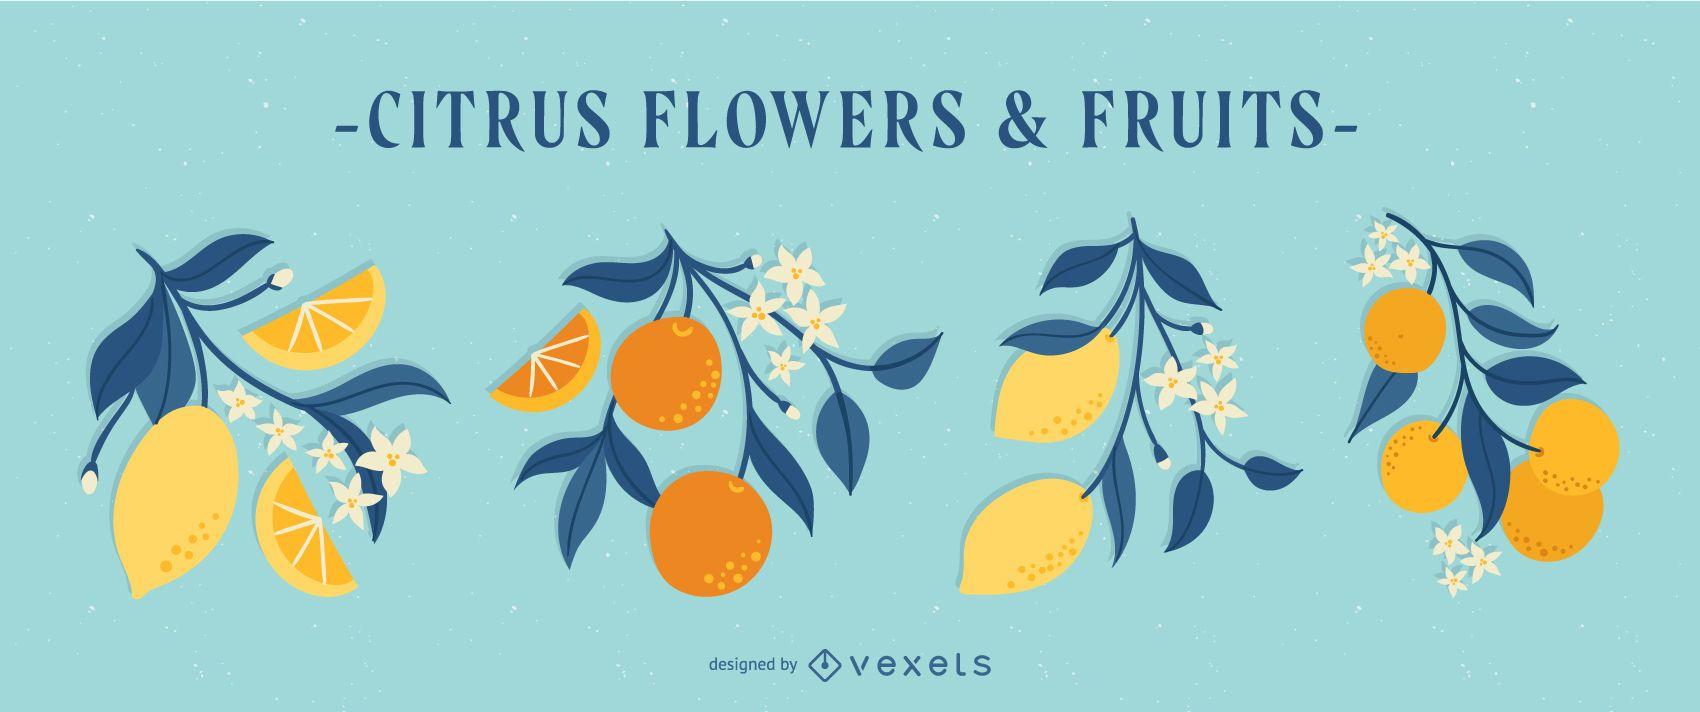 Spring Citrus Flower and Fruits Illustration Set